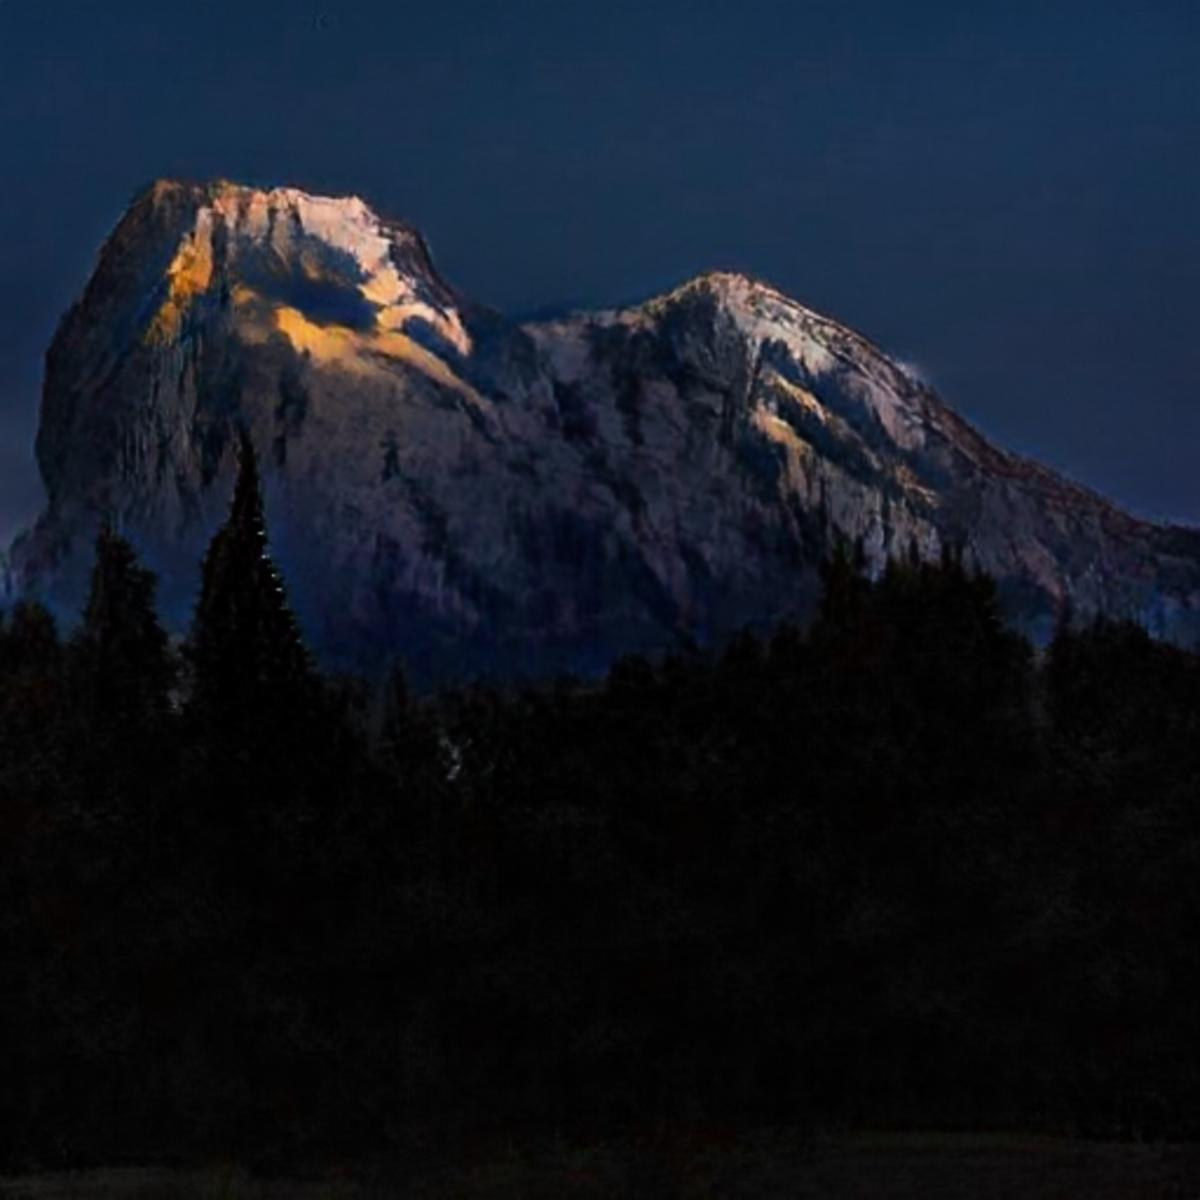 A GauGAN-enhanced 30-second sketch of a mountain